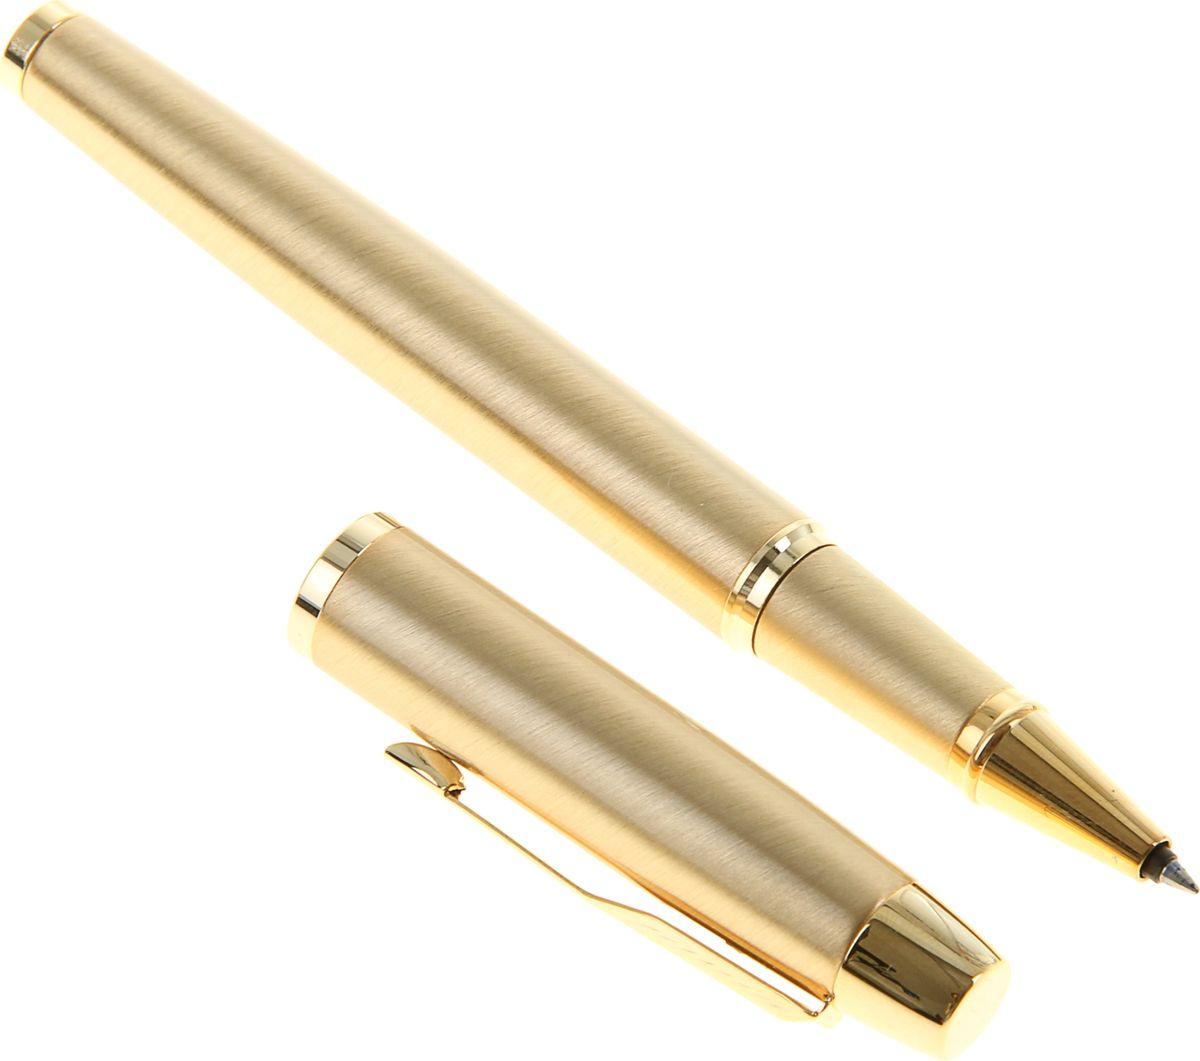 Parker Ручка-роллер IM Metal Brushed Metal Gold GT черная956145Parker — классика с современным оттенком. Этот культовый бренд отличается неугасаемым стремлением к совершенству. Уже на протяжении столетия он имеет отличную репутацию и ассоциируется с канцелярскими изделиями исключительно высокого качества, подчеркивая тем самым верность традициям, надежность, элегантность, стиль и желание привносить новое в свои образцы. Ручка-роллер Parker IM Metal Brushed Metal Gold GT — сочетание неповторимого дизайна и прекрасного исполнения. Этот аксессуар станет элитным и статусным презентом для коллег, друзей, а также настоящим украшением любого рабочего стола.